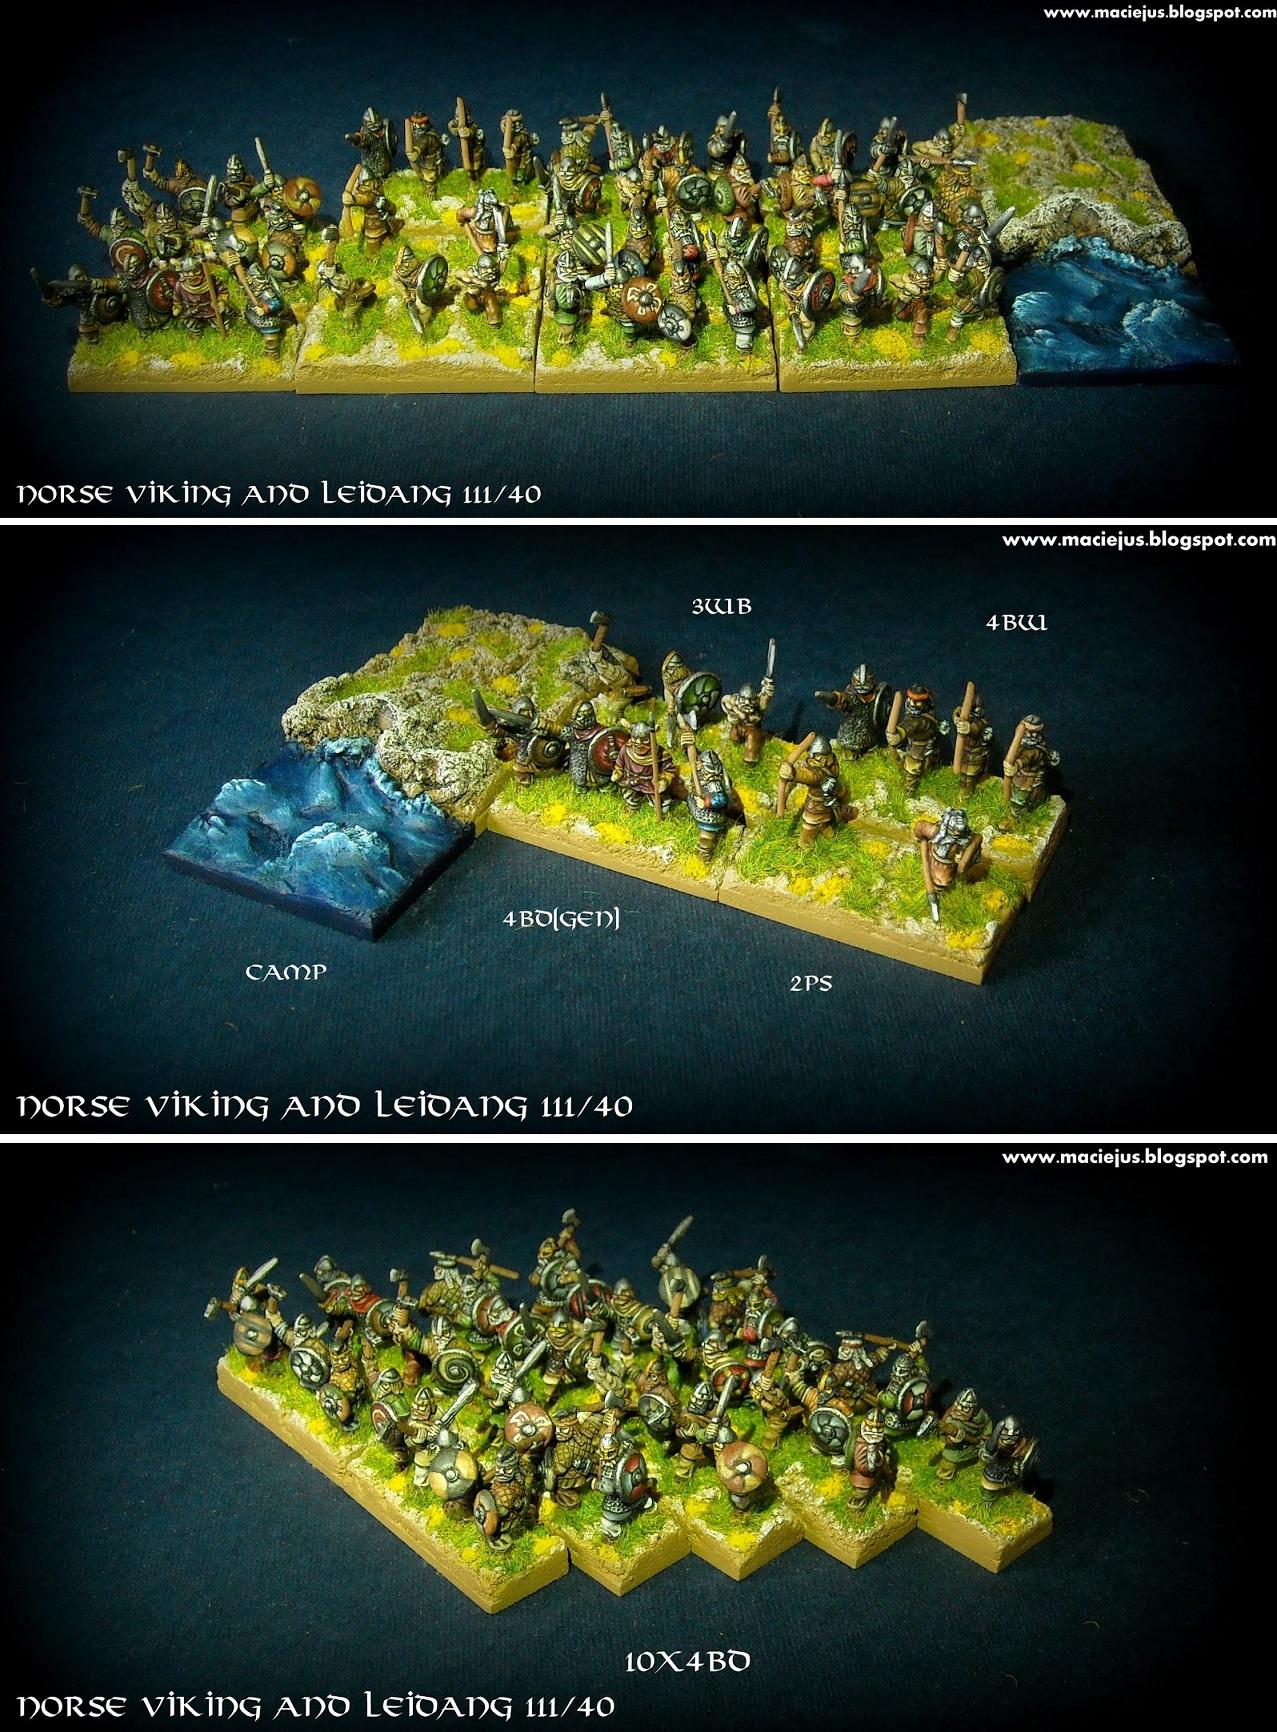 Norse Viking and Leidang III/40 DBA army